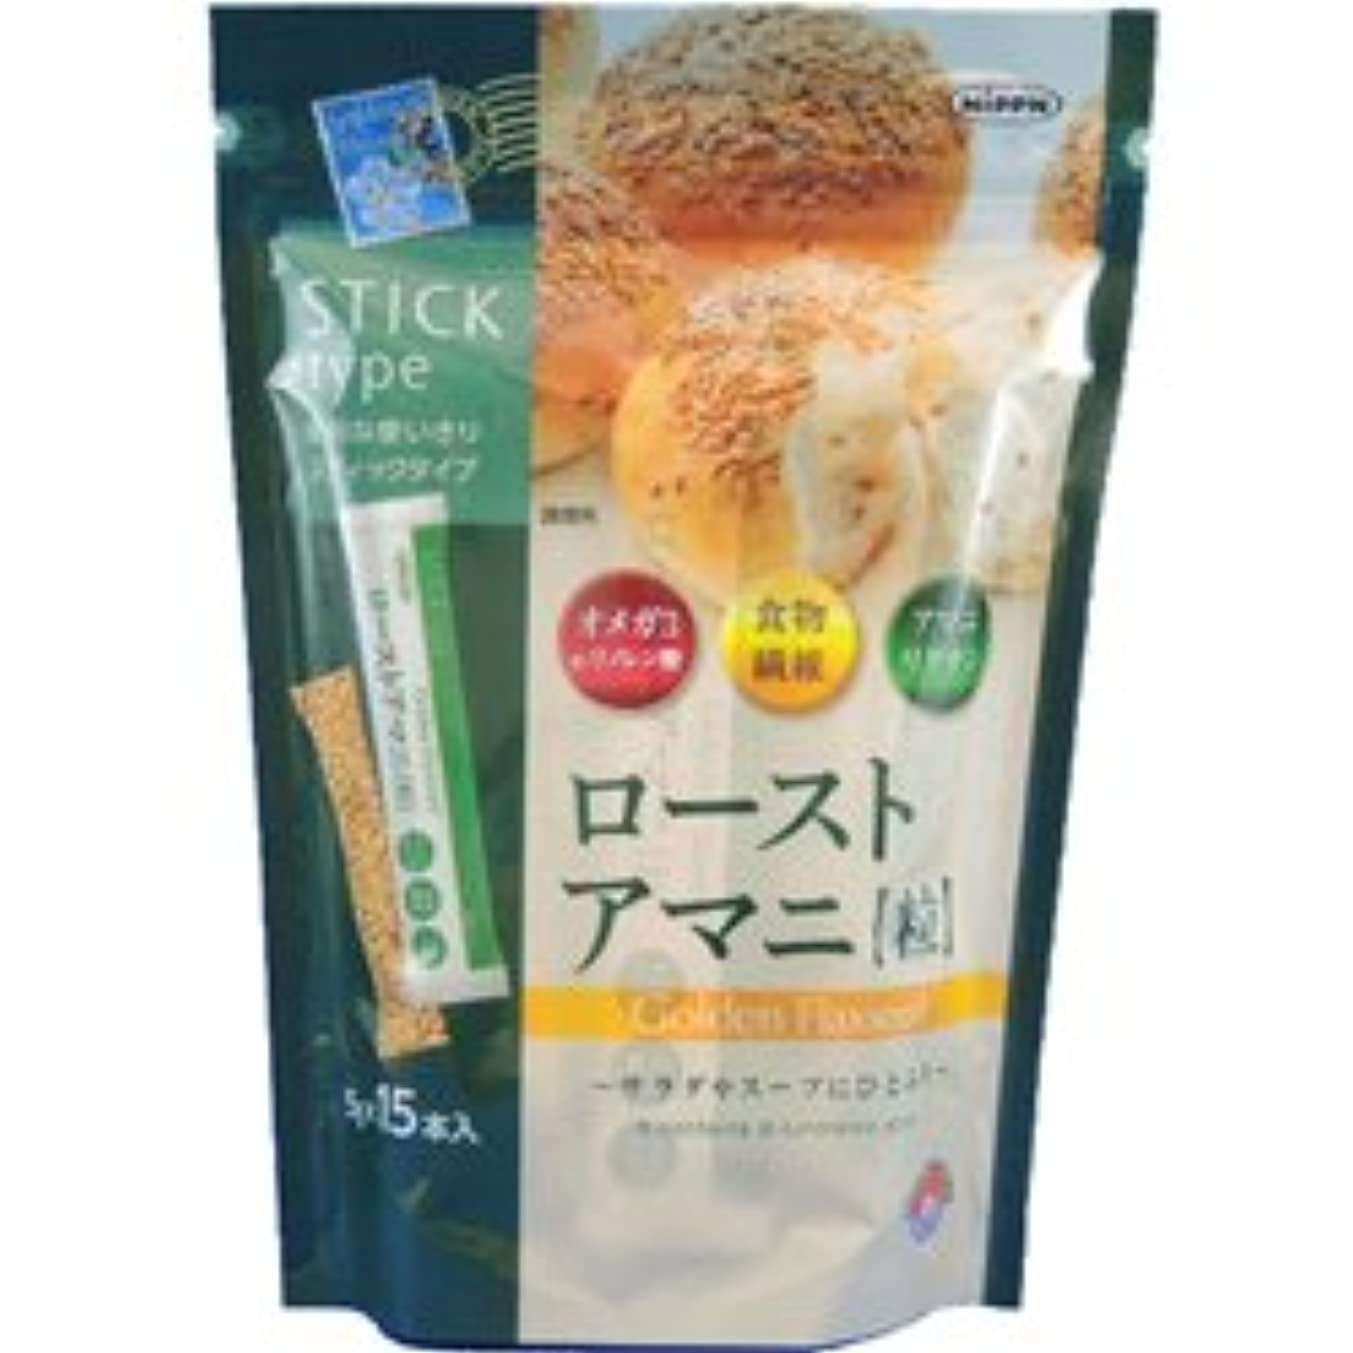 【日本製粉】ローストアマニ粒 75g ×5個セット